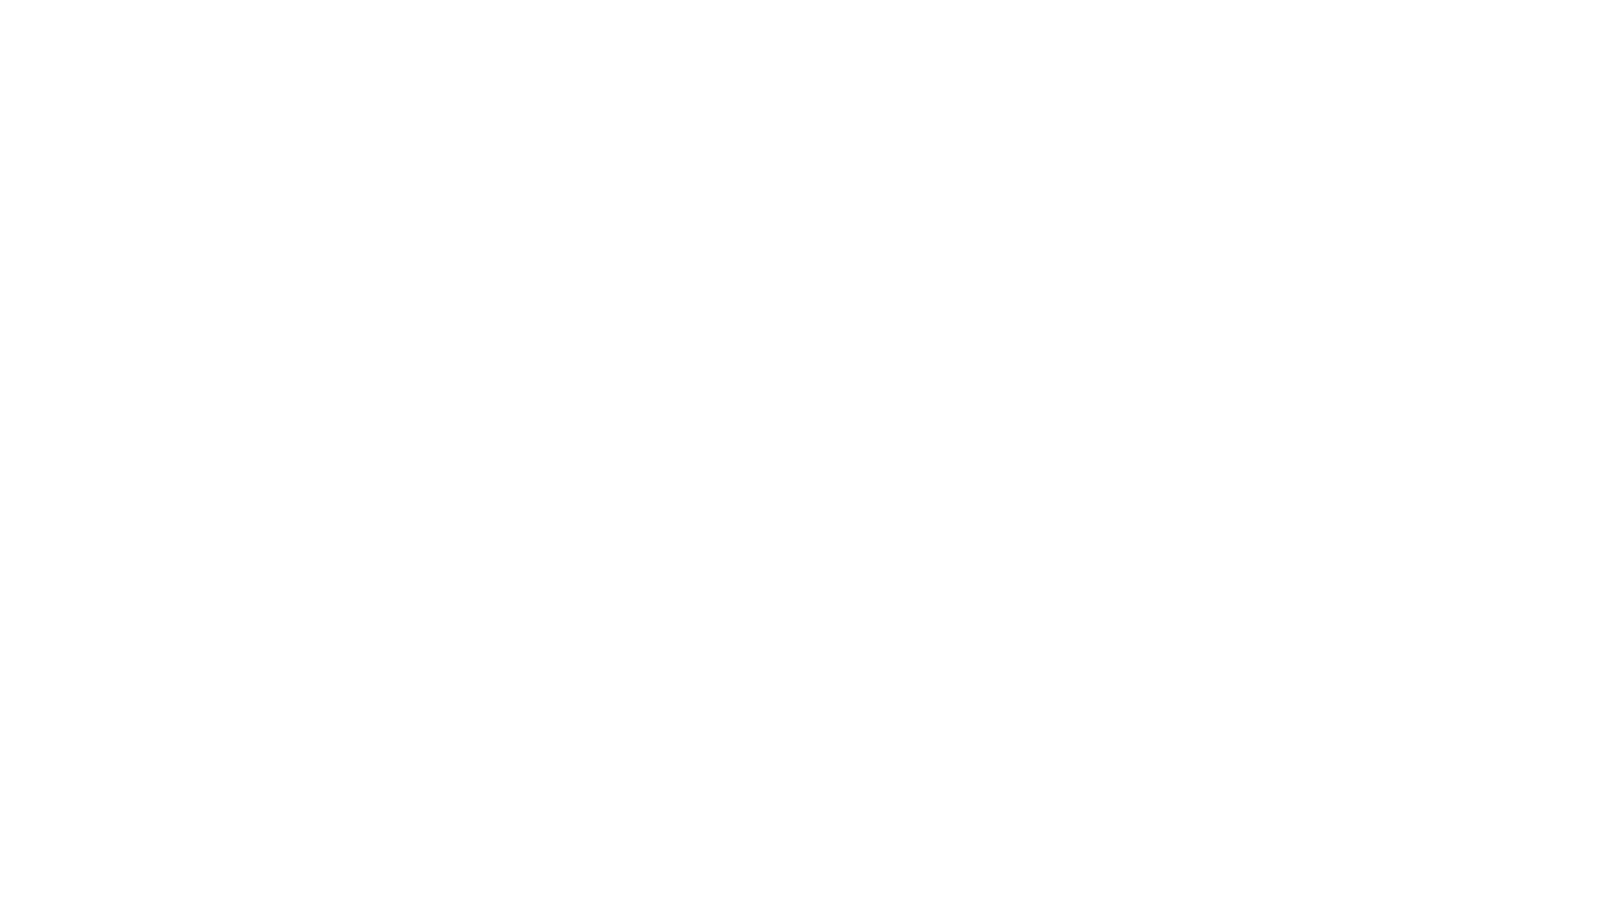 Le audionews di Ondawebtv 👩💻 #lenotizieinpositivo 🗓24 ottobre  👉Giornata Mondiale dell'Informazione sullo Sviluppo 👉Ritorna domani l'ora solare. Lancette indietro di un'ora 👉Planetario di Caserta. Il re sole e la sua corte 👉Oasi di San Silvestro. Cunegondo al Bosco con La Mansarda Buon ascolto!